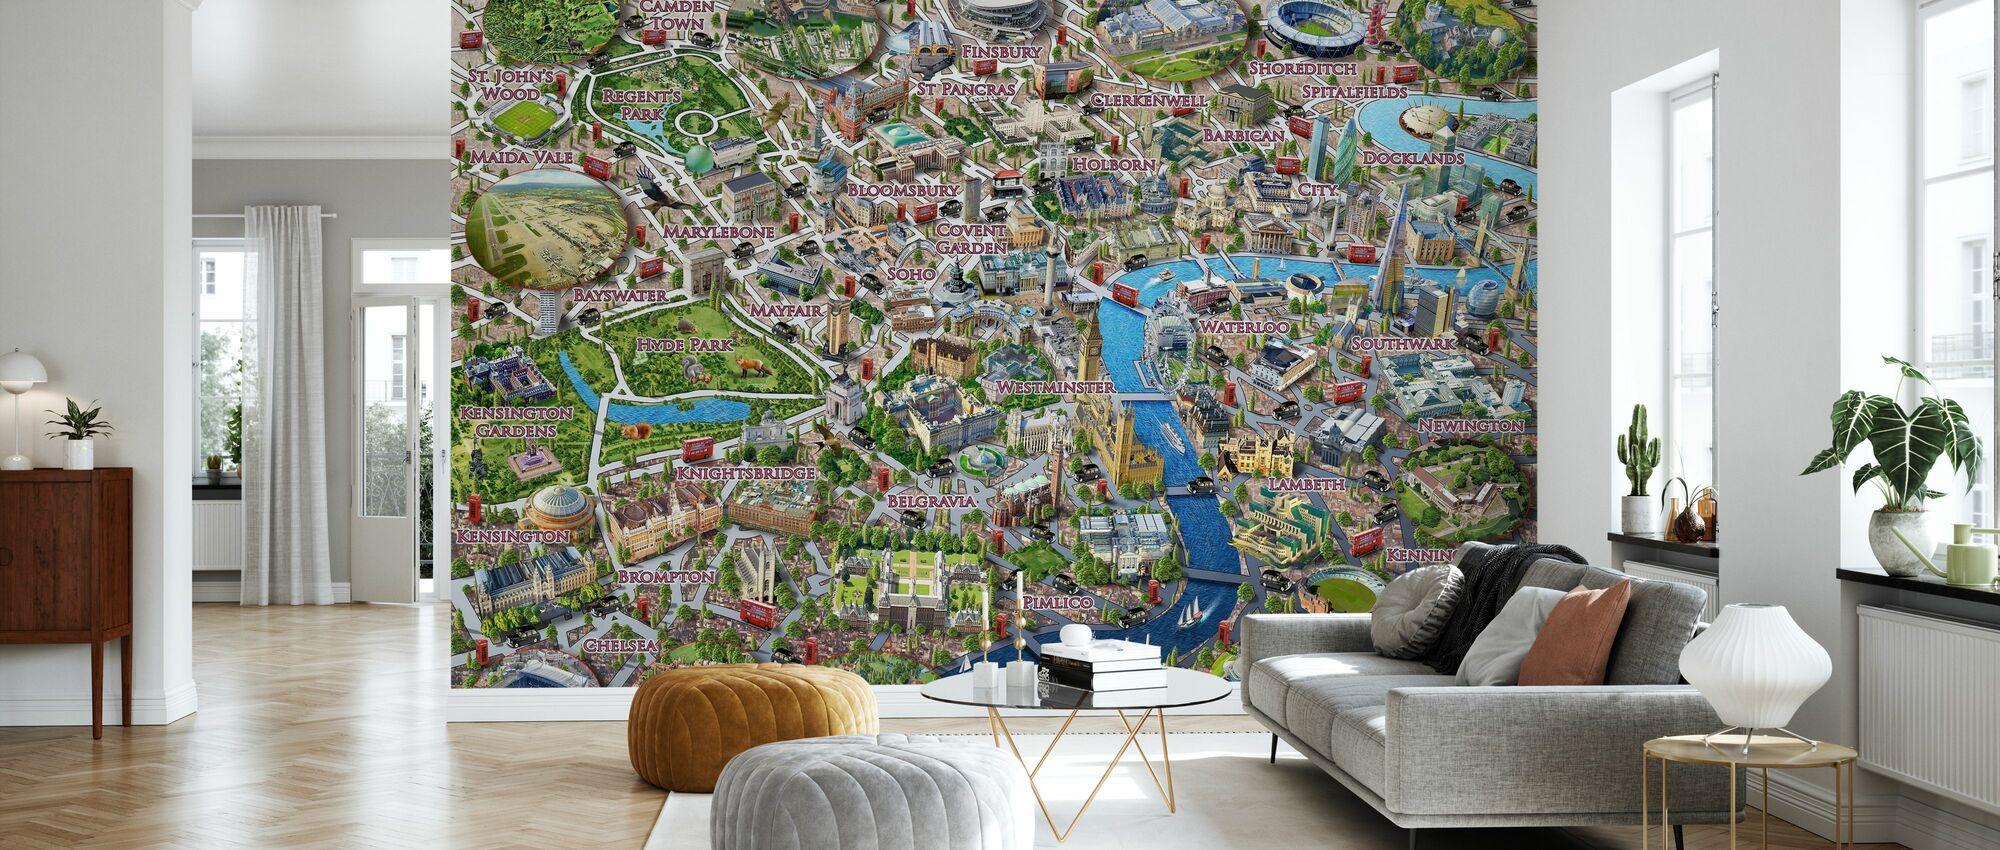 London Landmarks - Wallpaper - Living Room